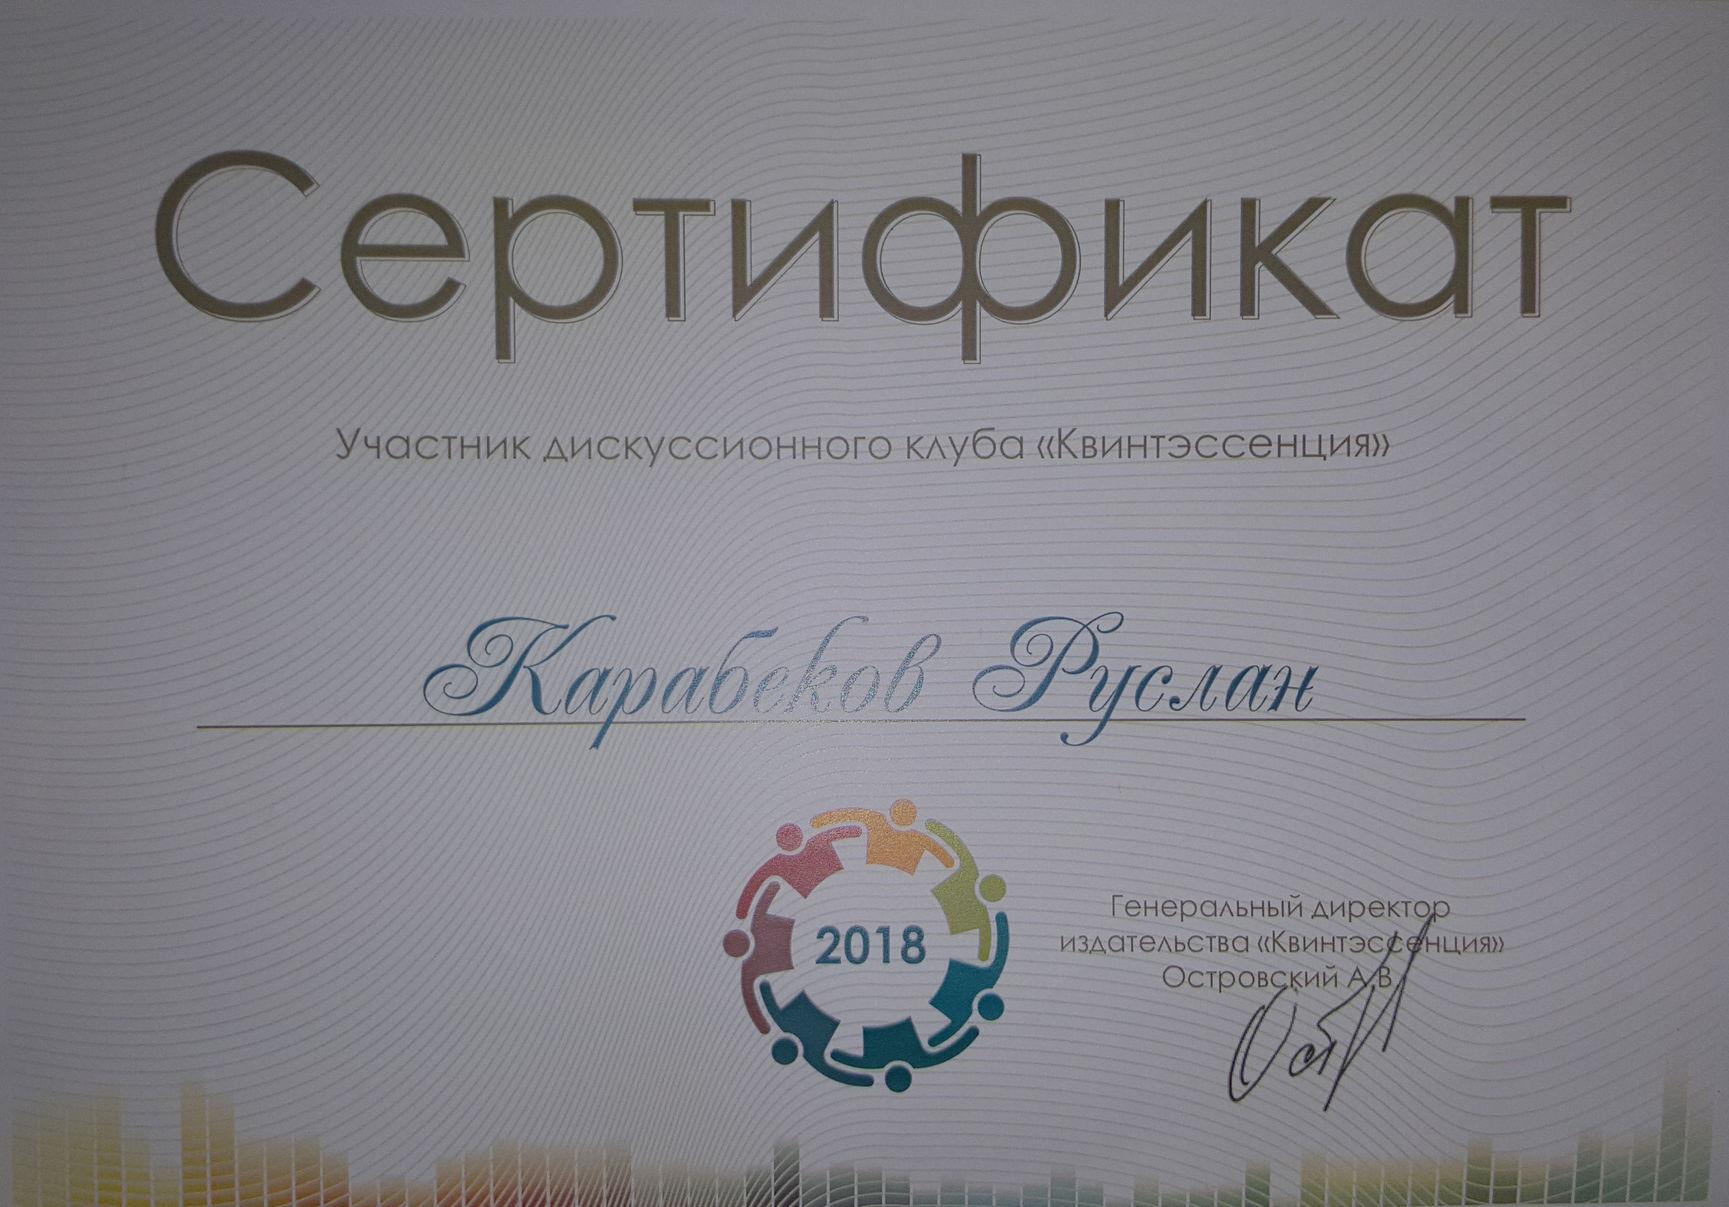 """2018 участник дискуссионного клуба """"Квинтэссенция"""""""